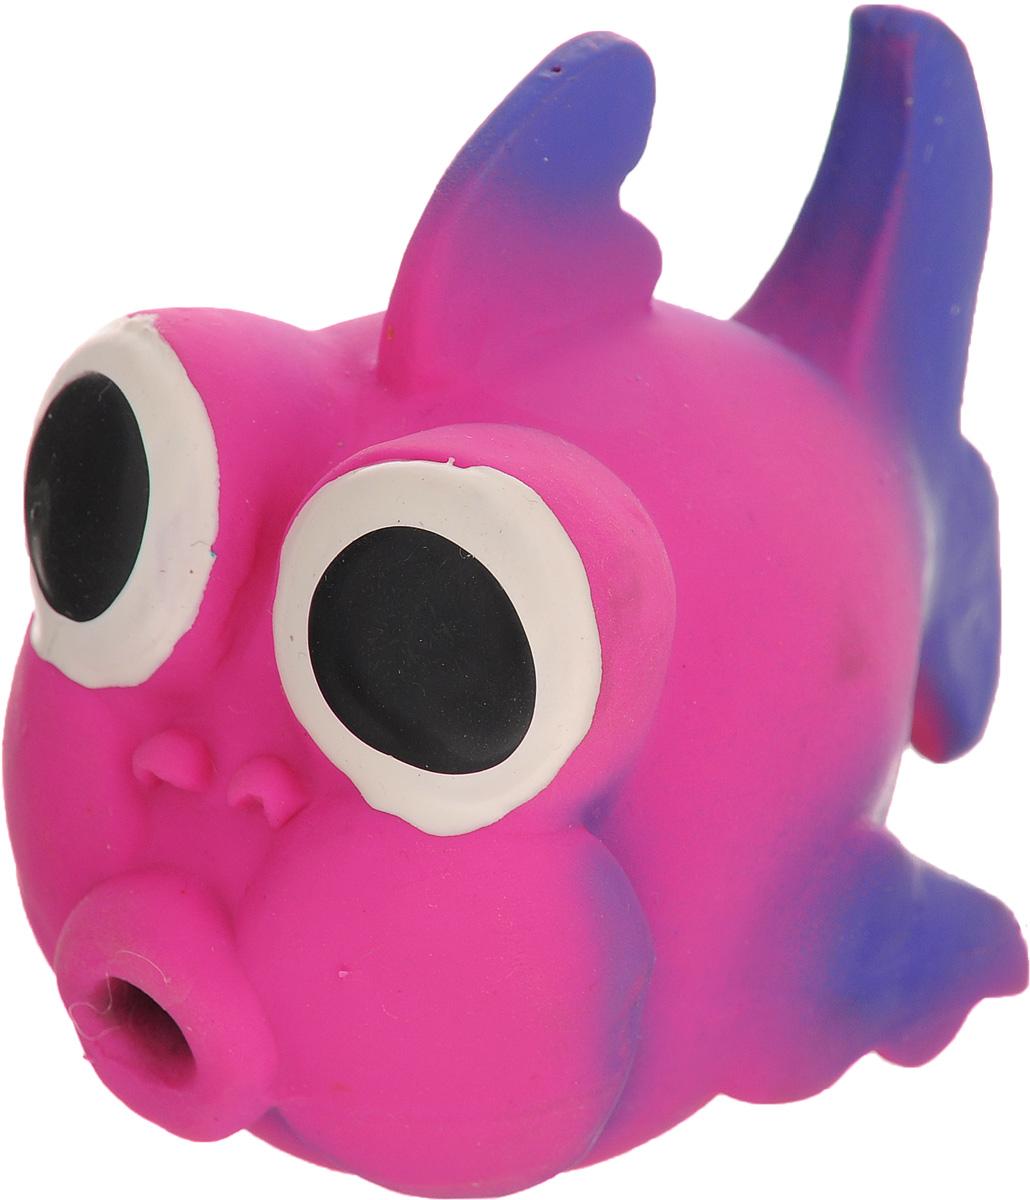 Игрушка для собак Beeztees I.P.T.S. Рыбка, цвет: розовый, фиолетовый0120710Игрушка для собак Beeztees I.P.T.S. изготовлена из безопасного латекса в форме забавной рыбки с большими глазами. Игрушка снабжена пищалкой. Предназначена для игр с собаками разных возрастов. Такая игрушка привлечет внимание вашего любимца и не оставит его равнодушным.